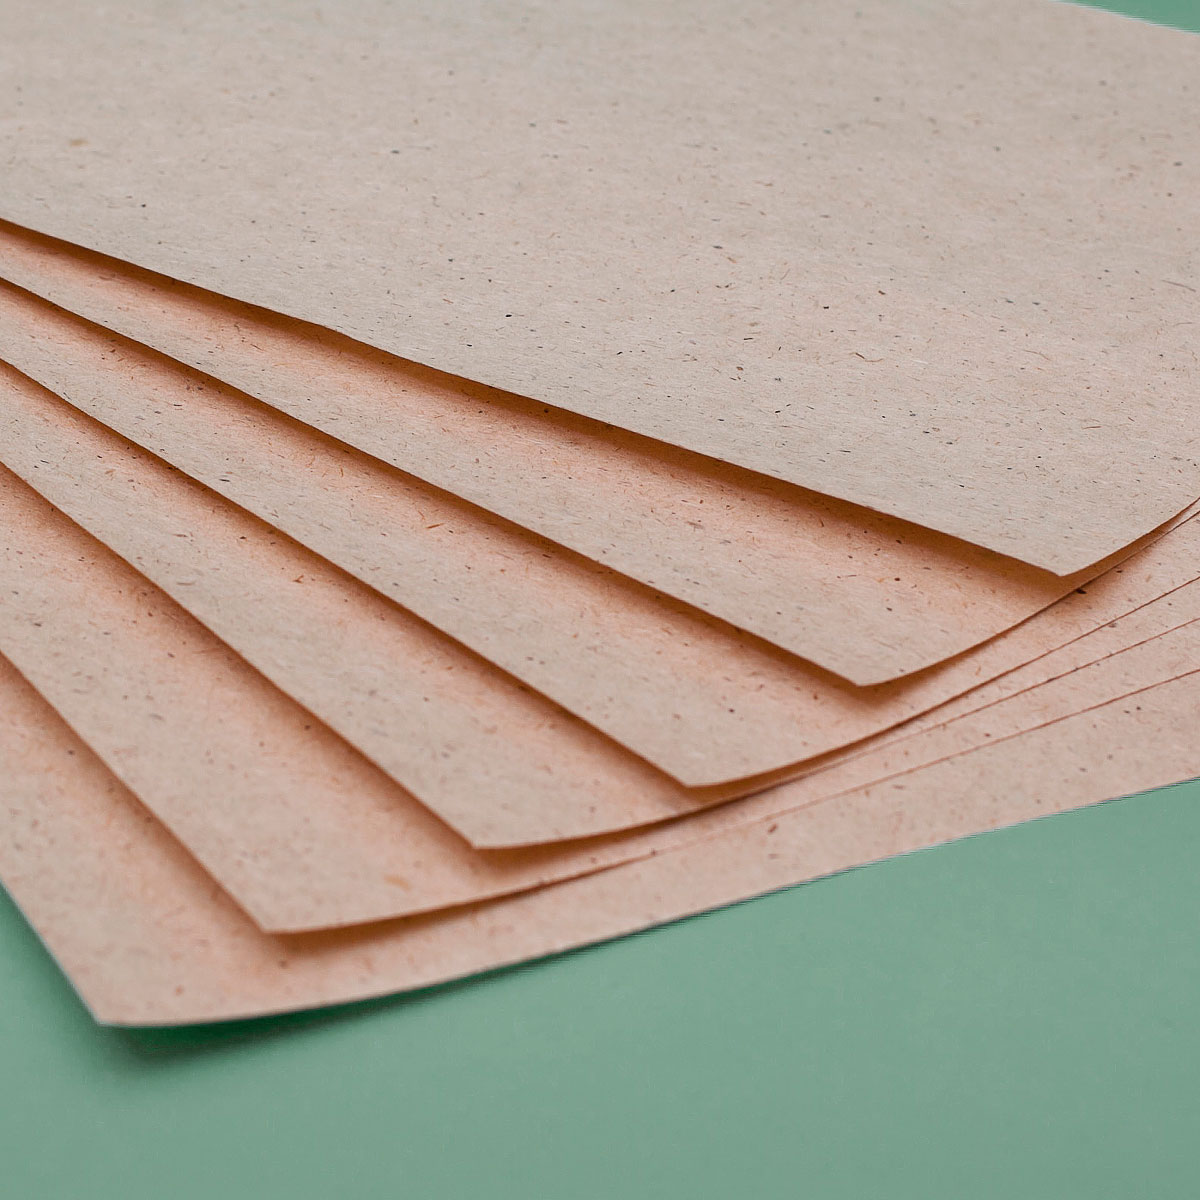 Бумага резаная обёрточная Лальская БФ. Бумага марки Е